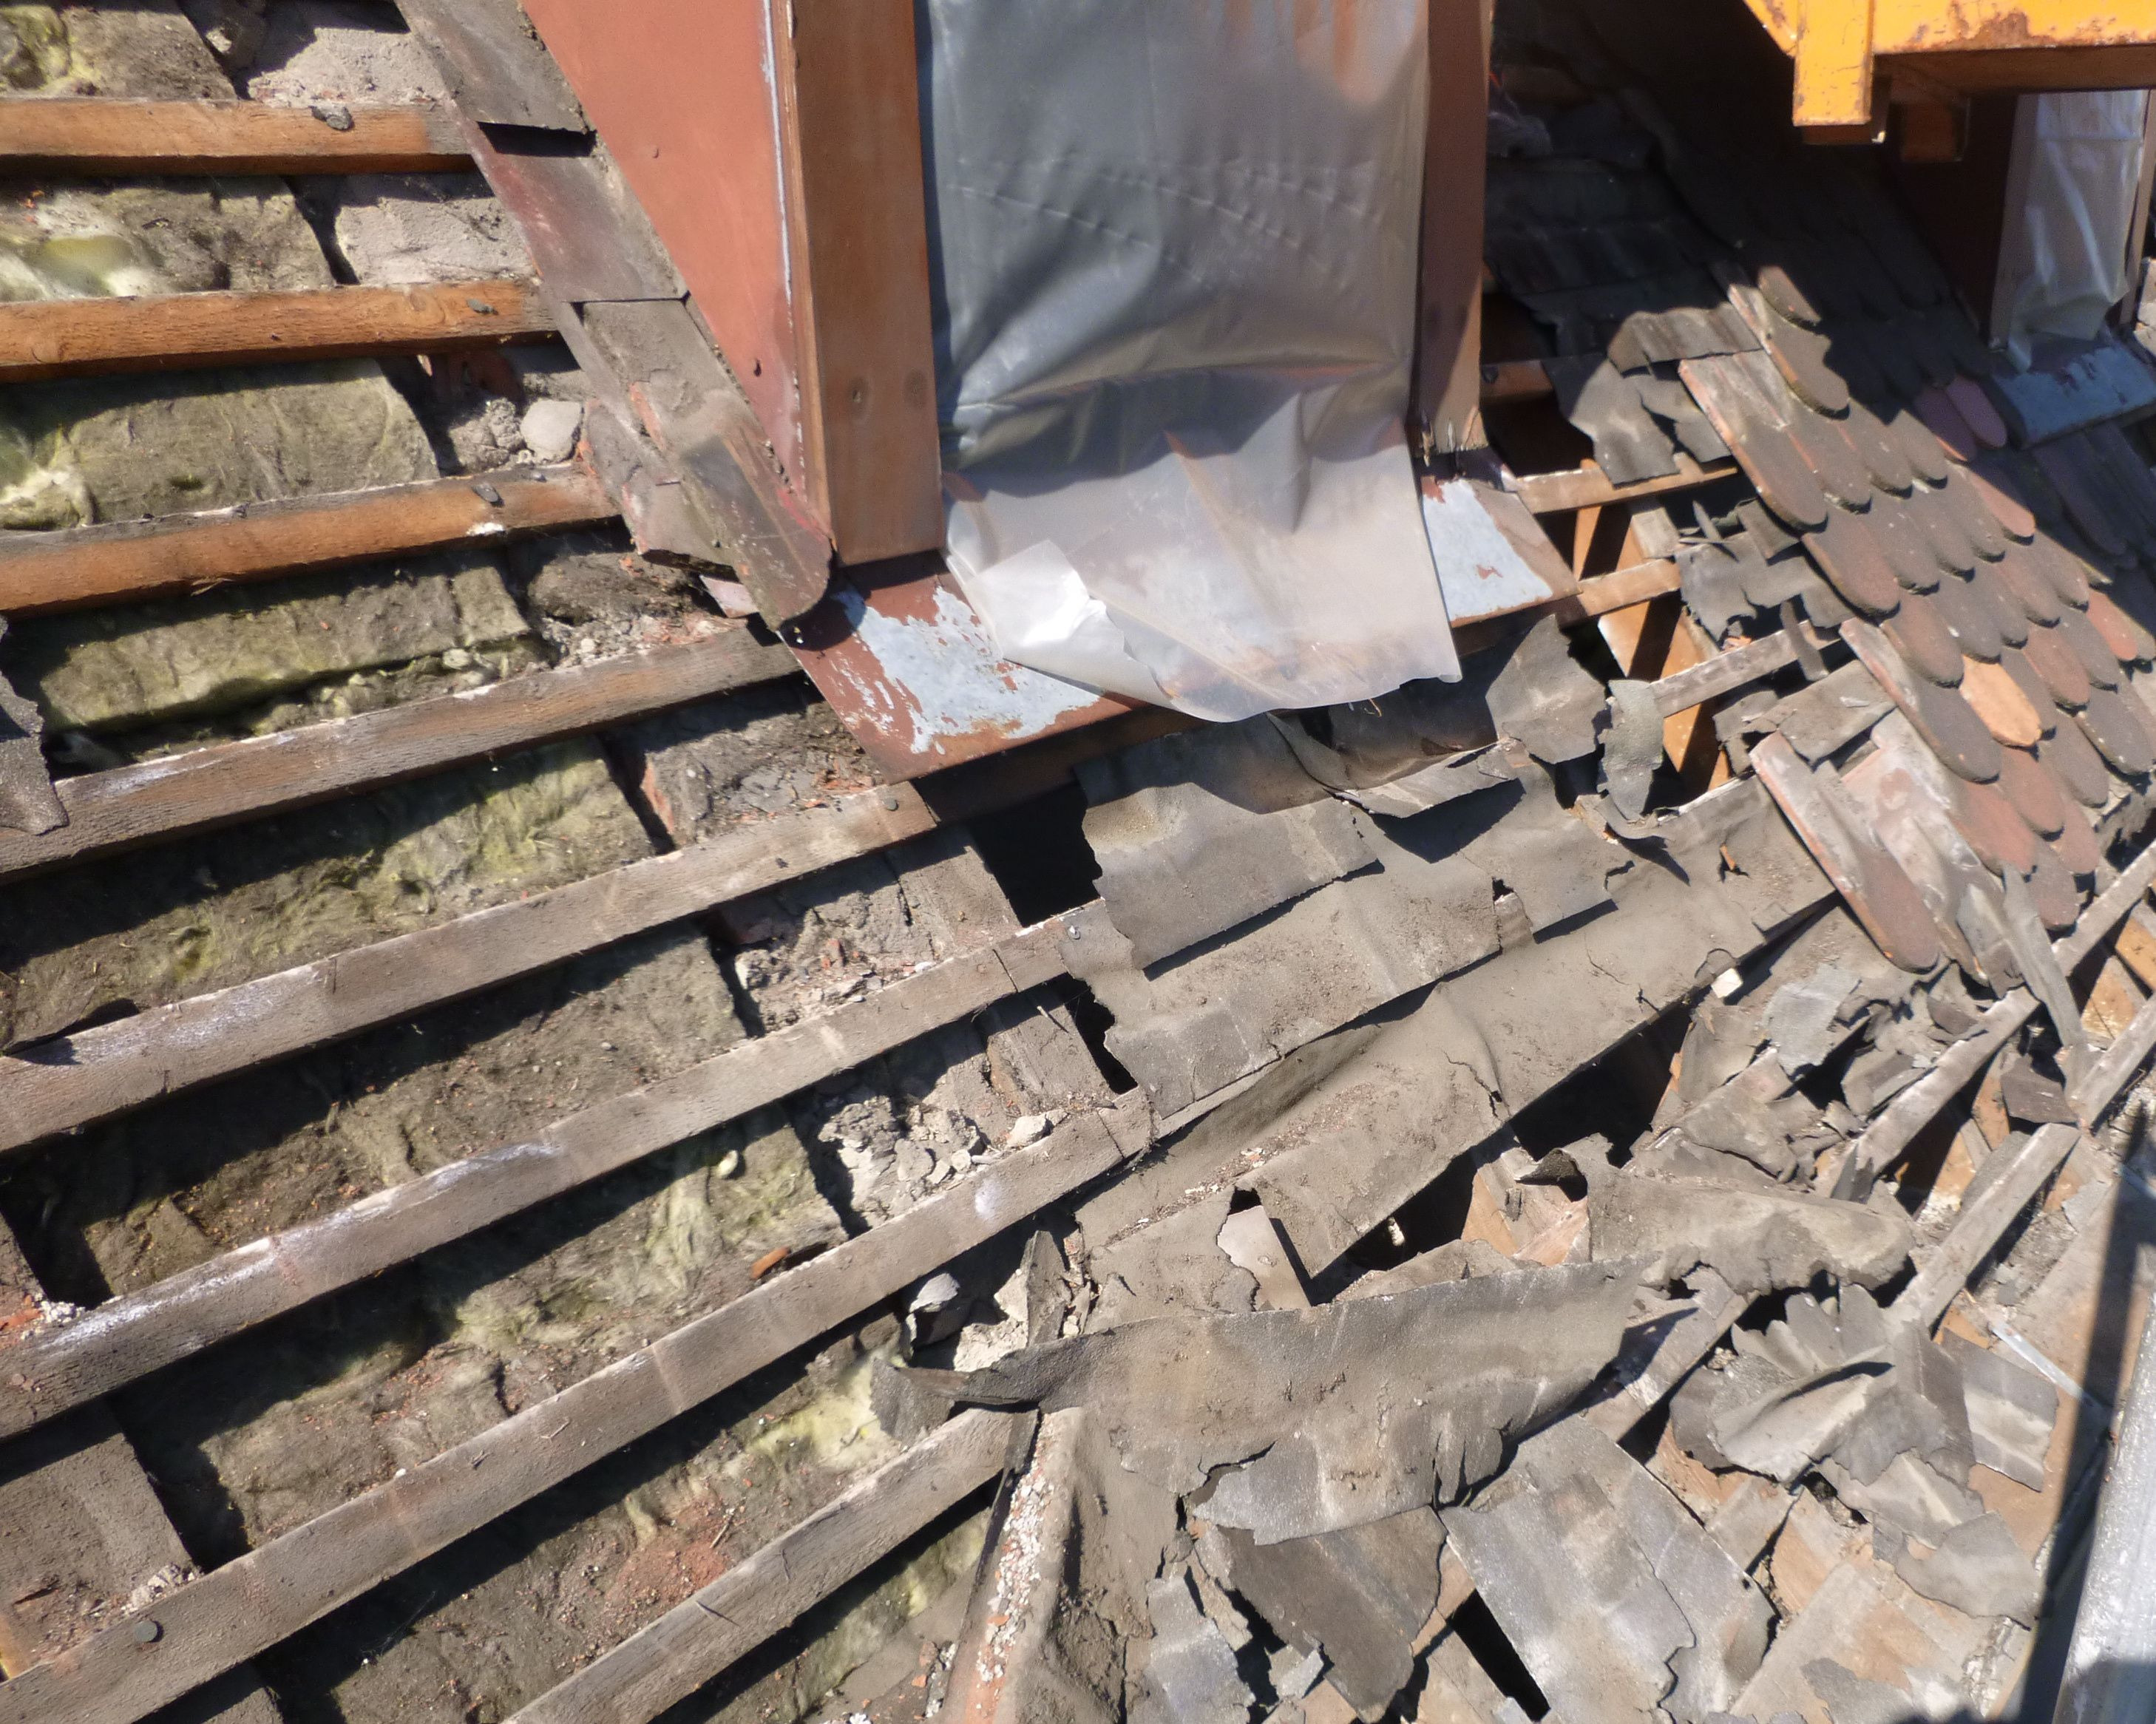 Die alte Dacheindeckung, Lattung und Dämmung wurde komplett entfernt. Im Anschluss wurde das Dach mit Zwischensparren- und Aufdachdämmung in Holzfaser neu gedämmt und neu eingelattet.